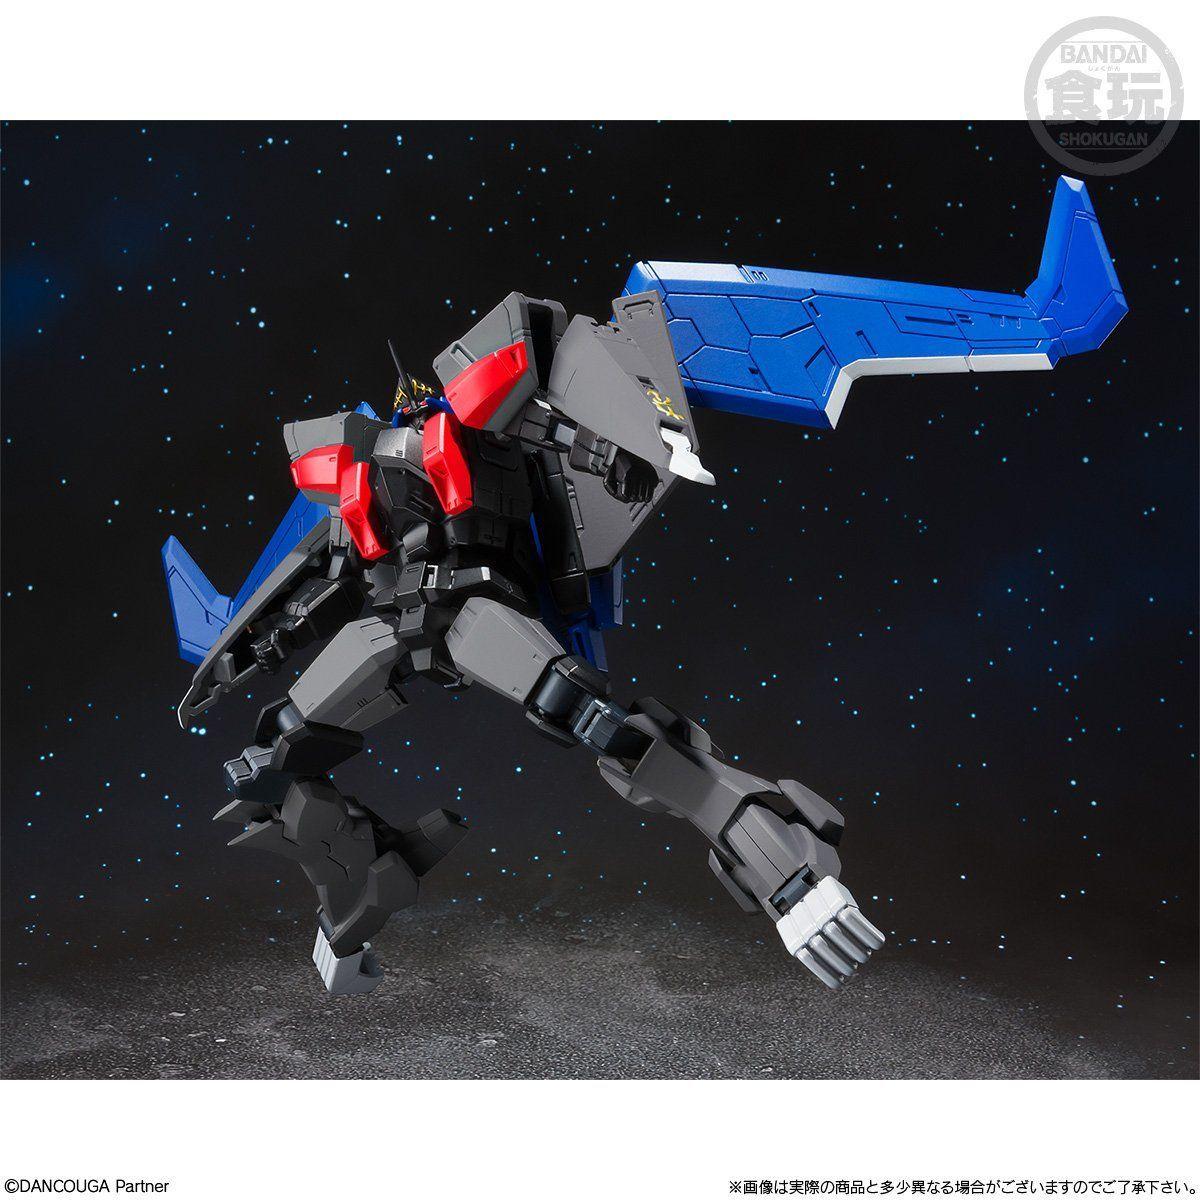 【限定販売】【食玩】スーパーミニプラ『ブラックウイング』超獣機神ダンクーガ  プラモデル-004